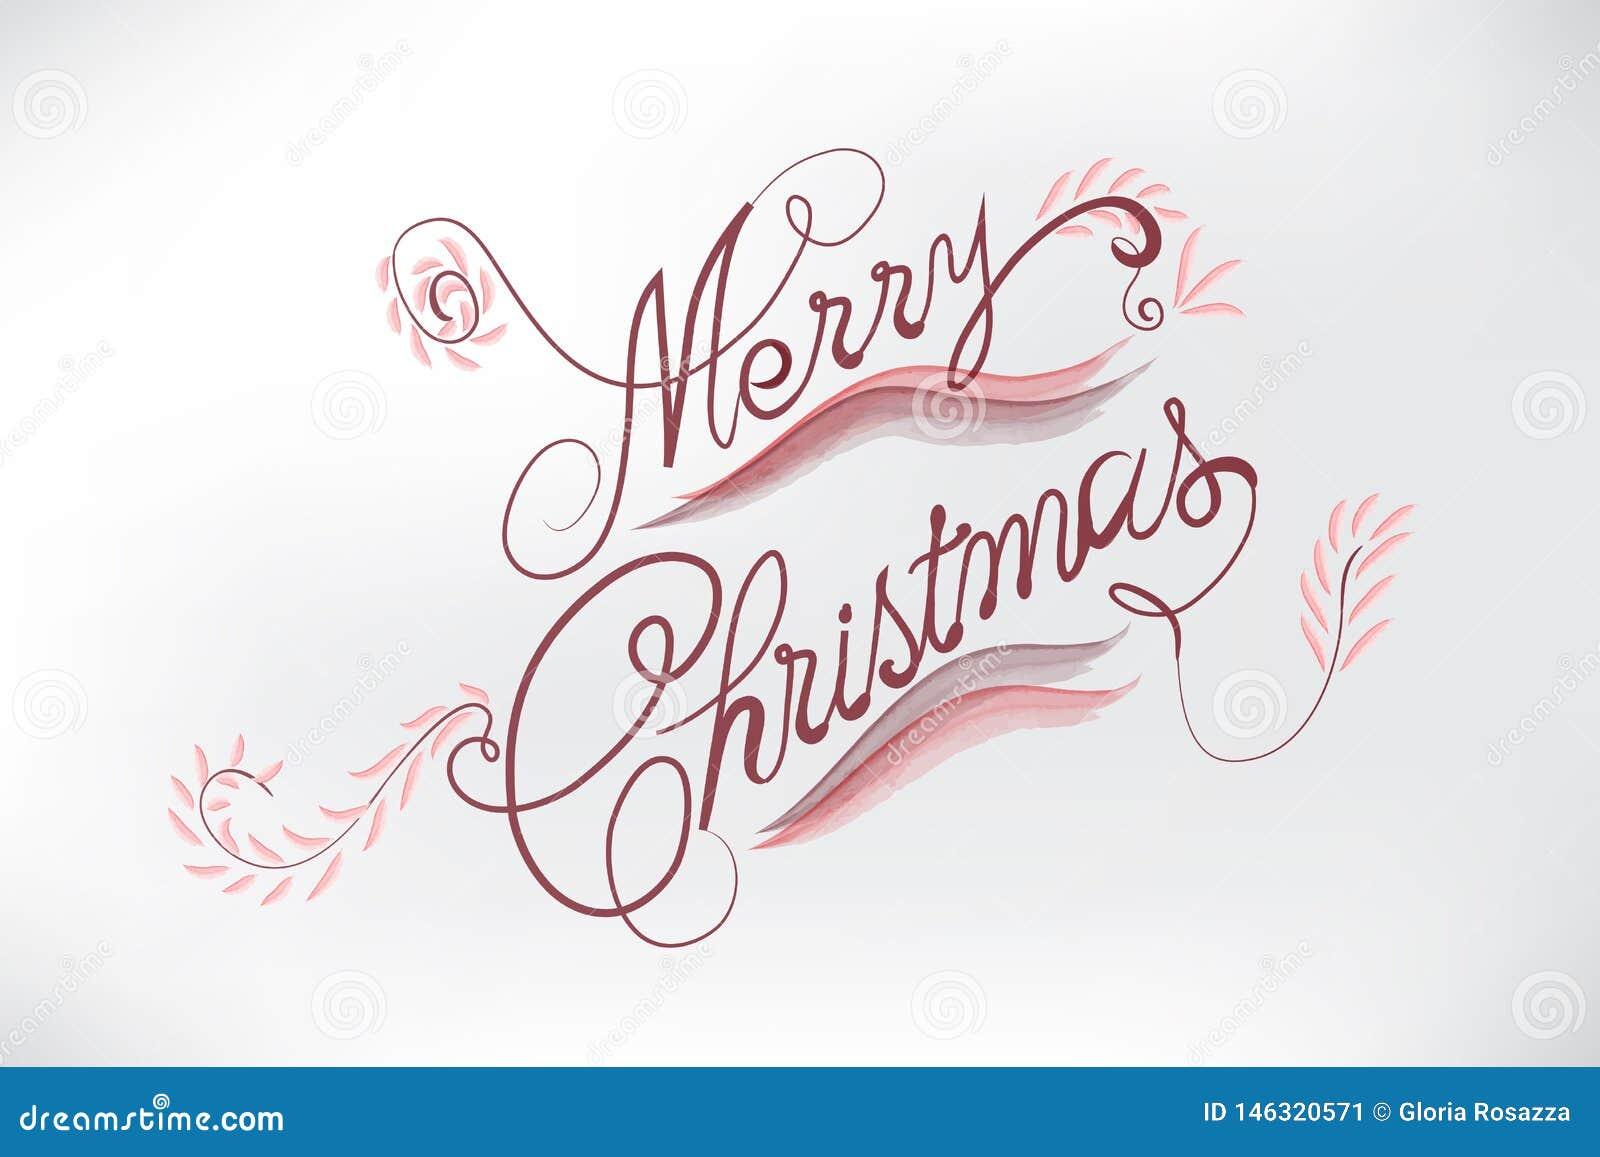 Parole Di Buon Natale.La Carta Floreale Di Buon Natale Ha Stilizzato Le Parole